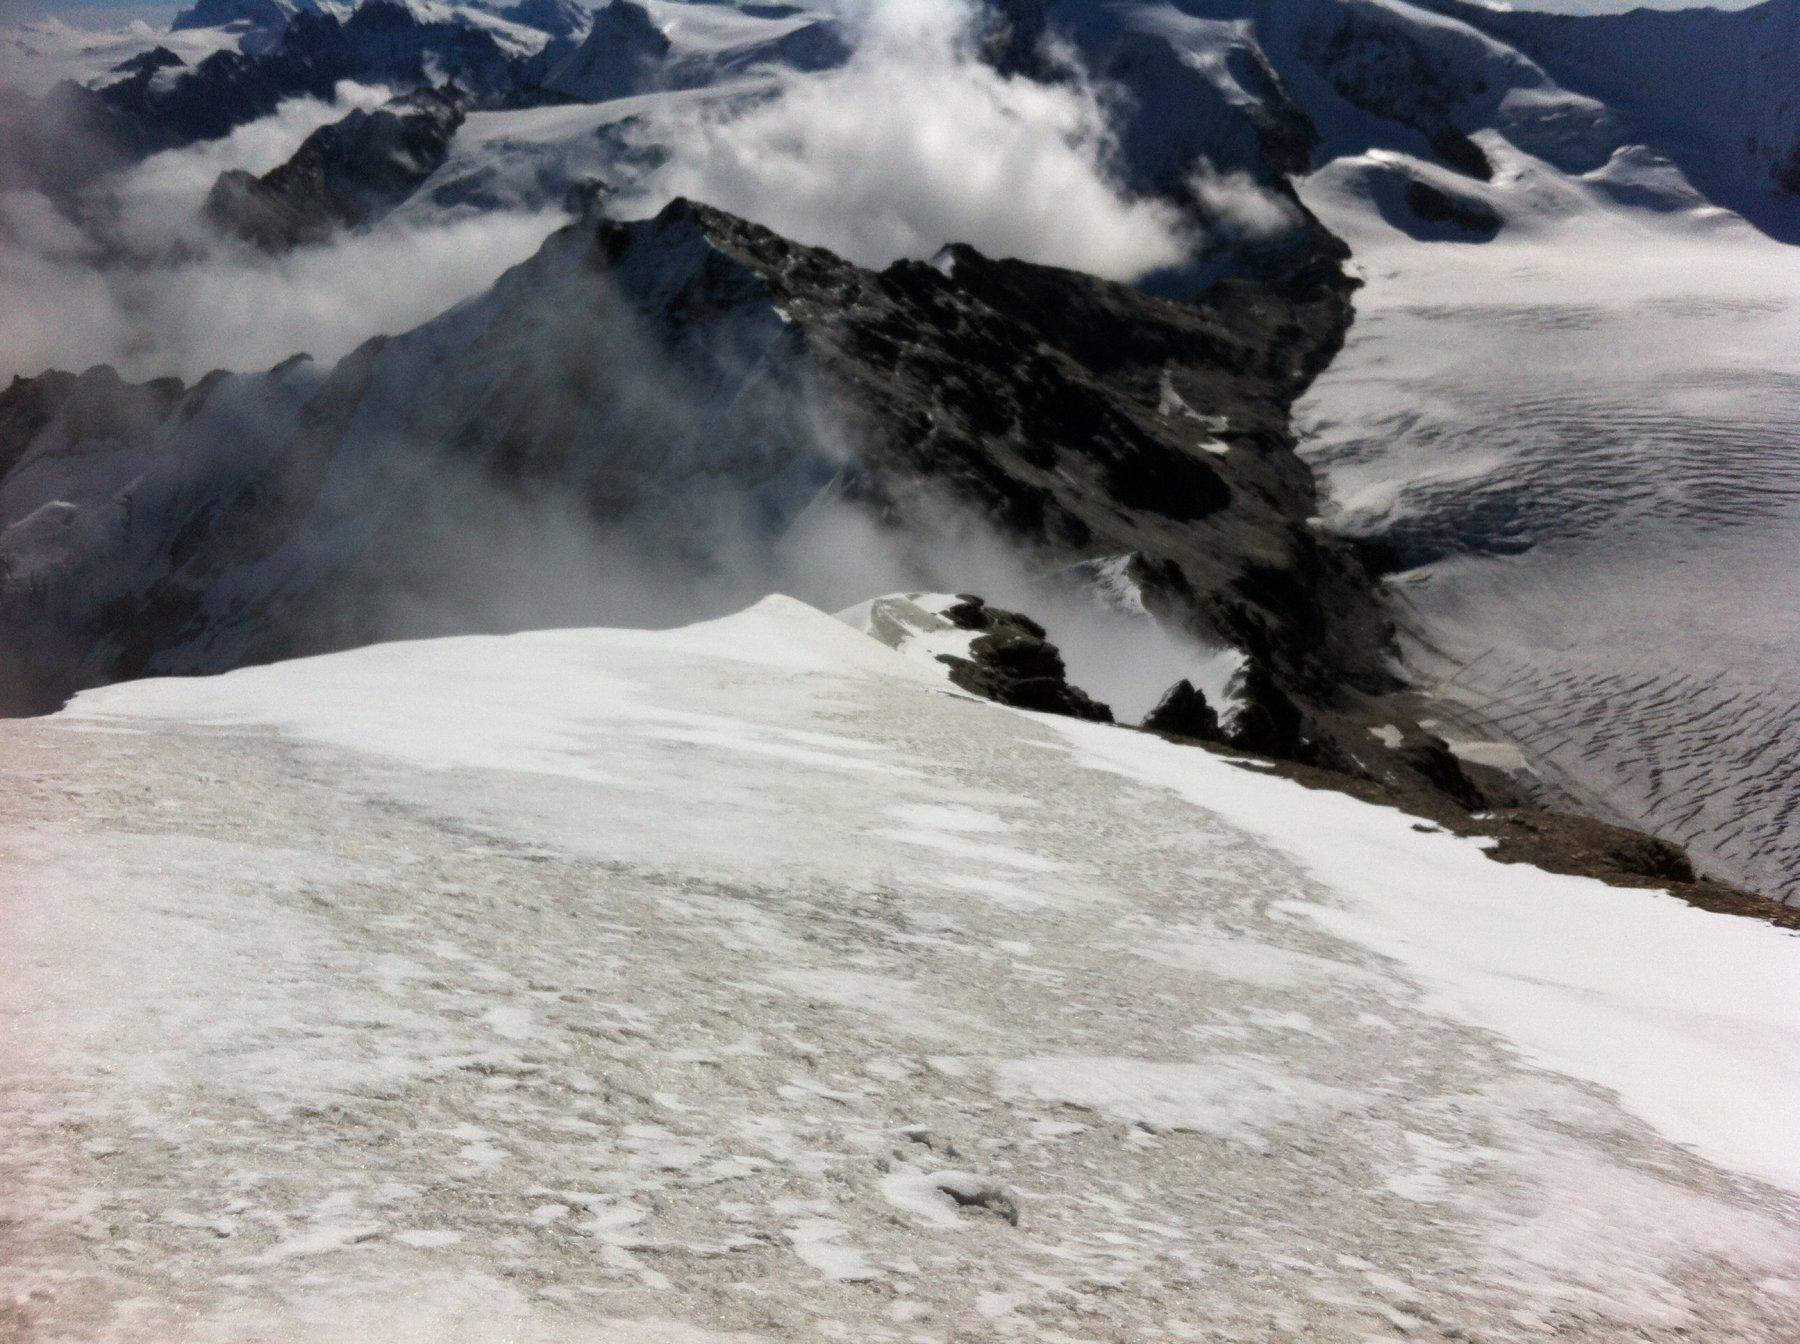 Discesa dal Pleureur: dove termina la neve scendere a destra nell'orrido canale. Sullo sfondo La Luette che si scende per la cresta di destra